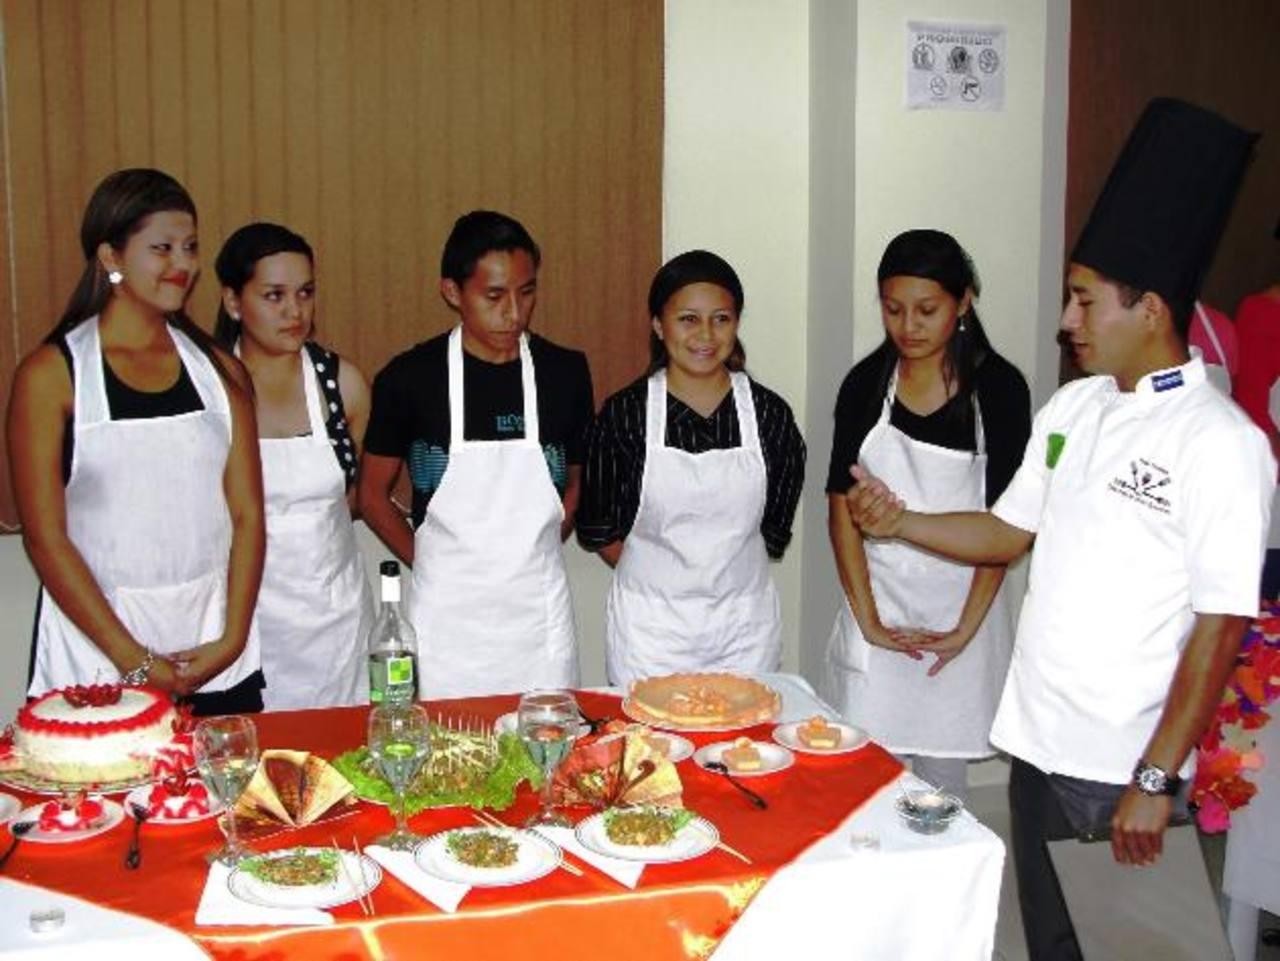 Los beneficiados aprendieron de cocina internacional, además cómo iniciar su propio negocio. Foto EDH / Cristian Díaz